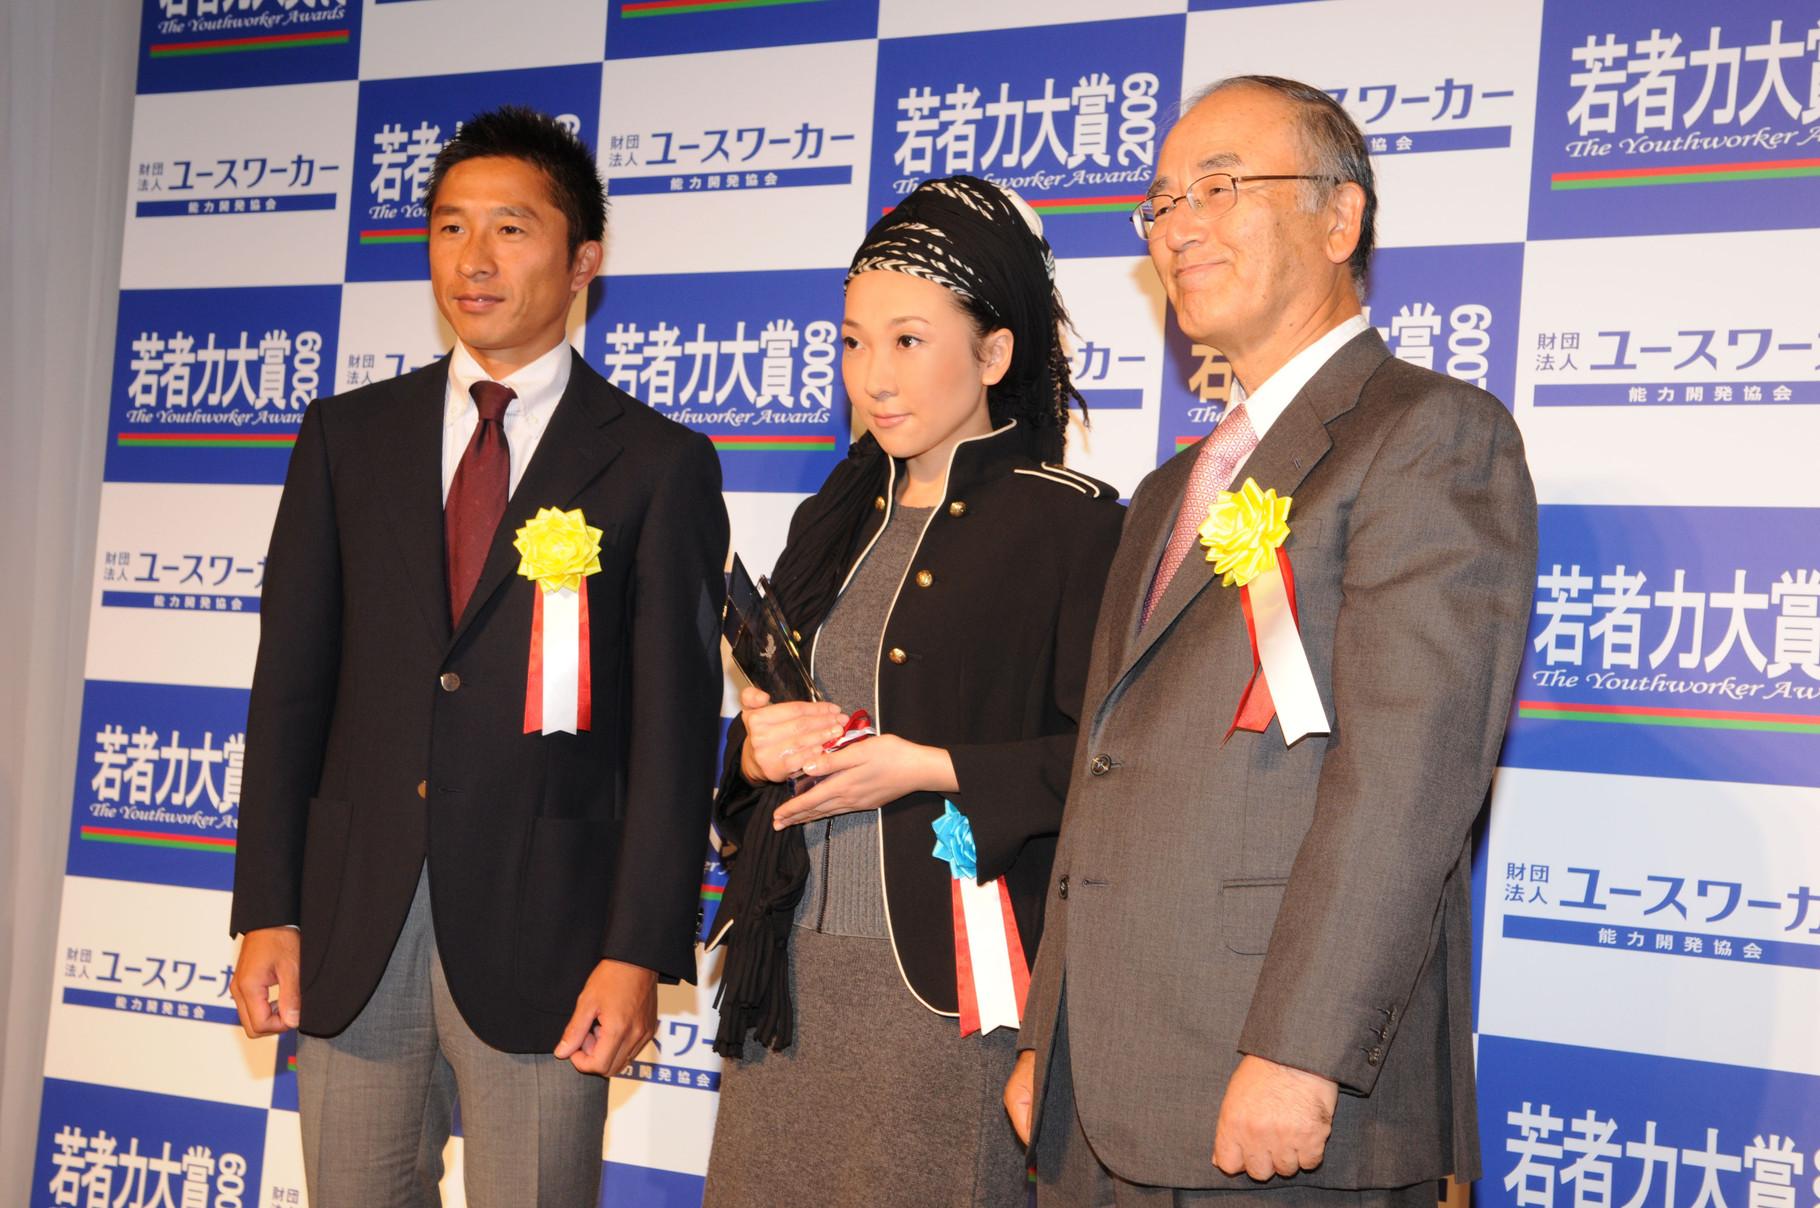 第1回若者力大賞表彰式 2009年10月24日(土)